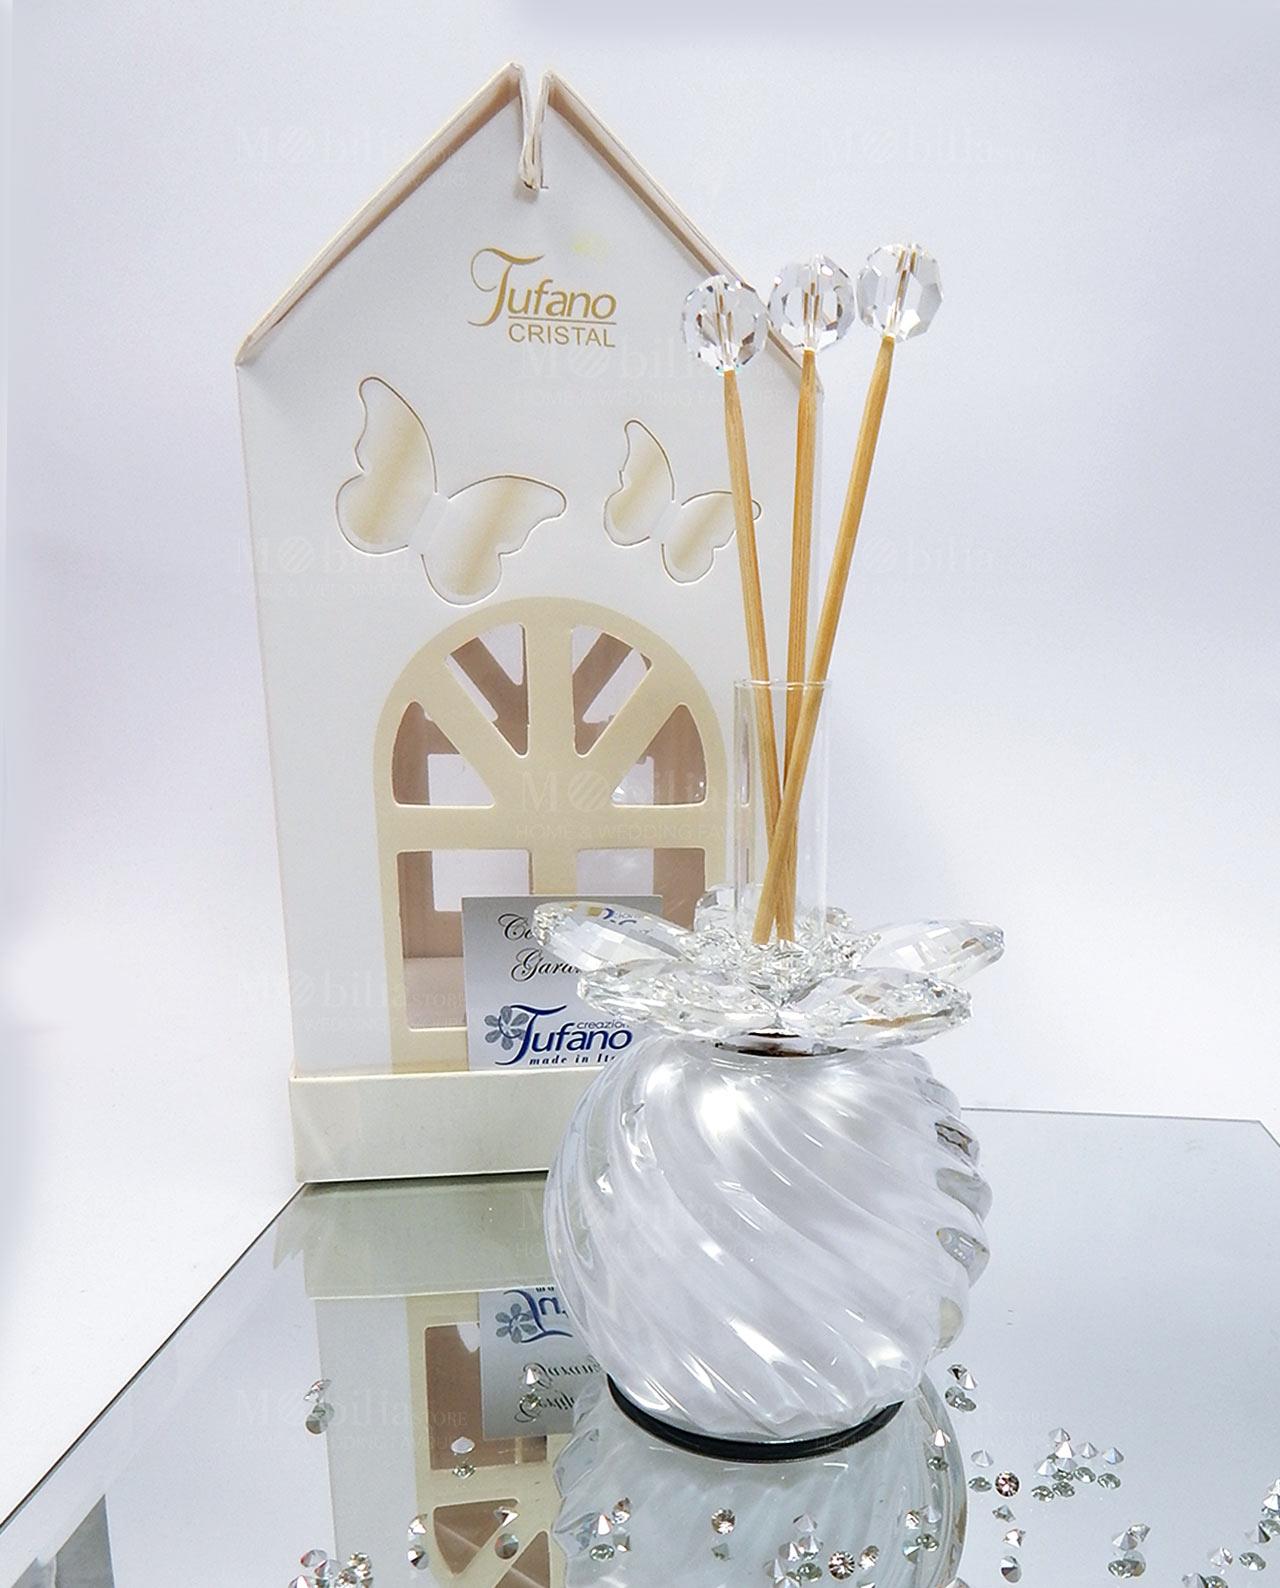 Profumatori ambiente led fiore cristallo swarovski tufano for Mobilia home catalogo